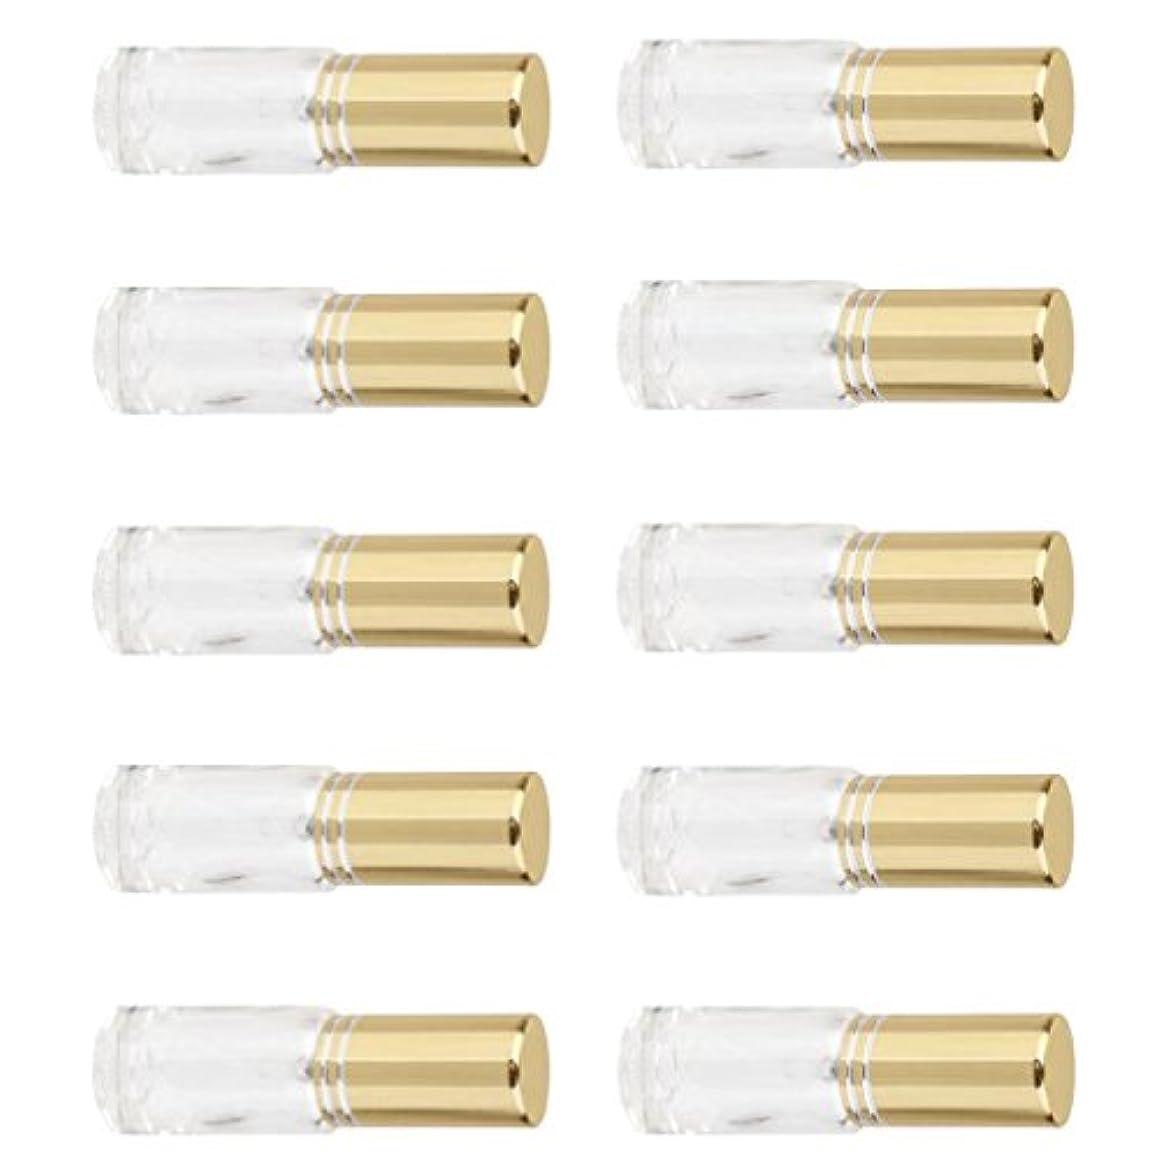 ハウス根絶するインチSONONIA 10個 お買い得 男女兼用 5ml ミニ ガラス 詰め替え可能 香水 空き瓶 アトマイザー ポンプ スプレー 香水瓶 容器